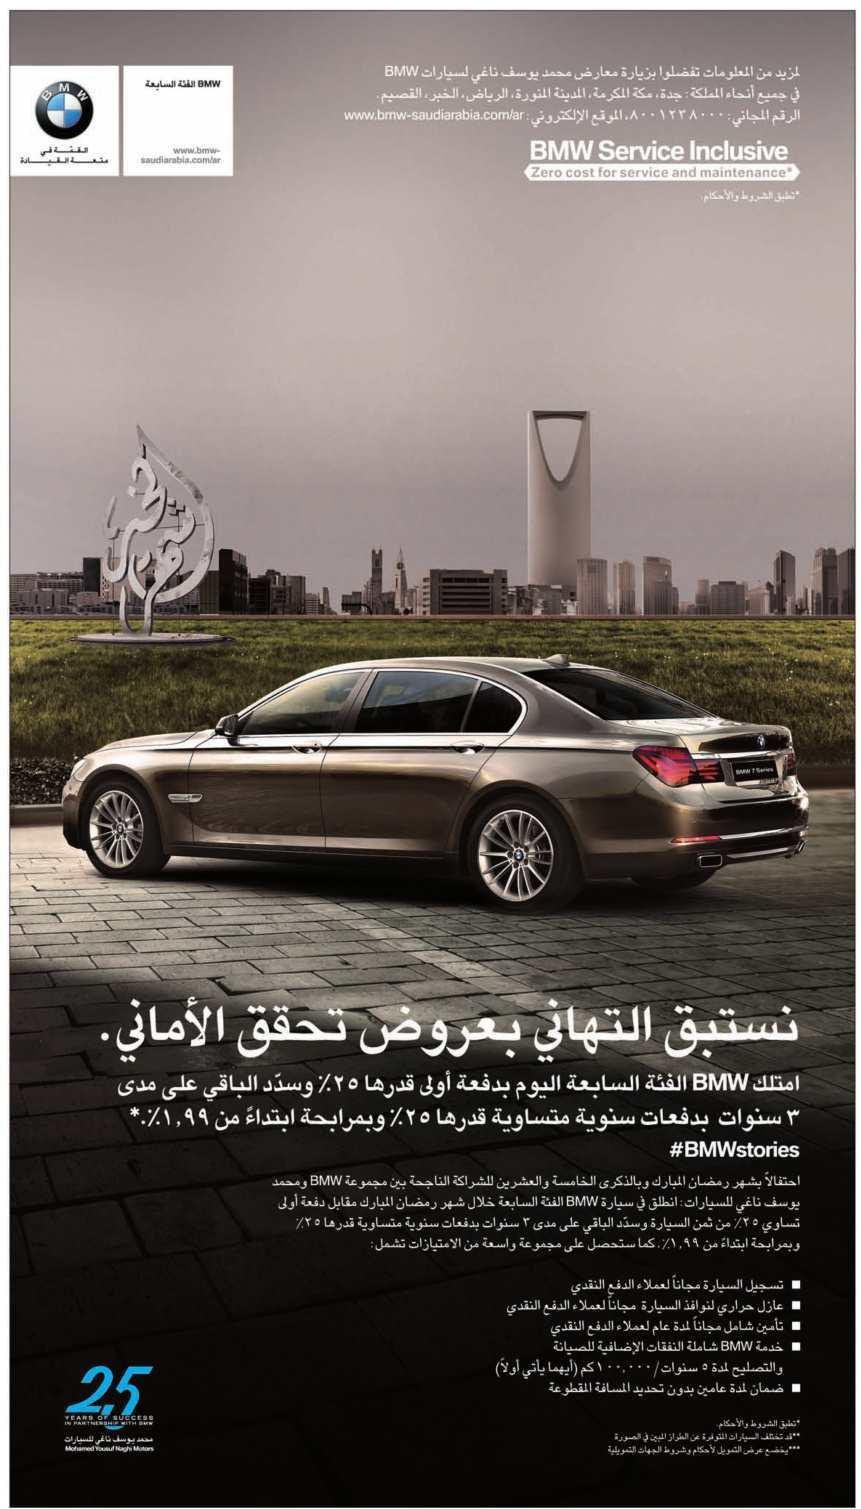 عروض محمد يوسف ناغى للسيارات - عروض BMW - عروض رمضان 2015